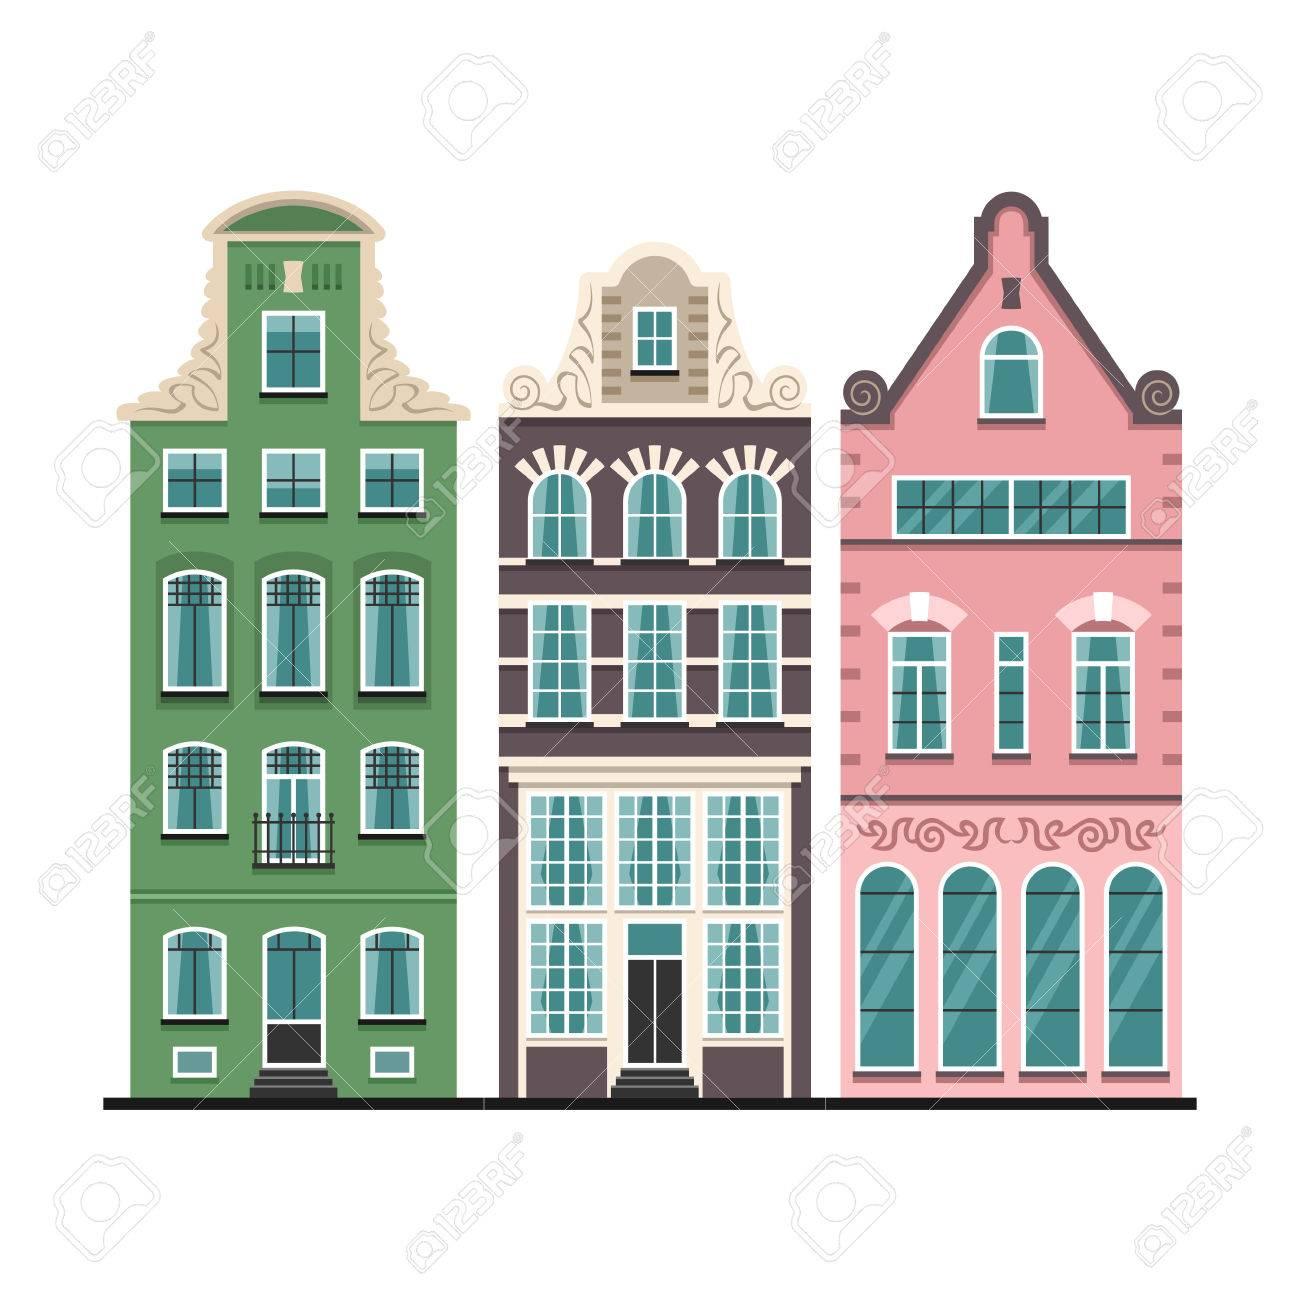 Ensemble de 3 façades de dessin animé de vieilles maisons d\'Amsterdam.  Architecture traditionnelle des Pays-Bas. Des illustrations isolées plates  ...